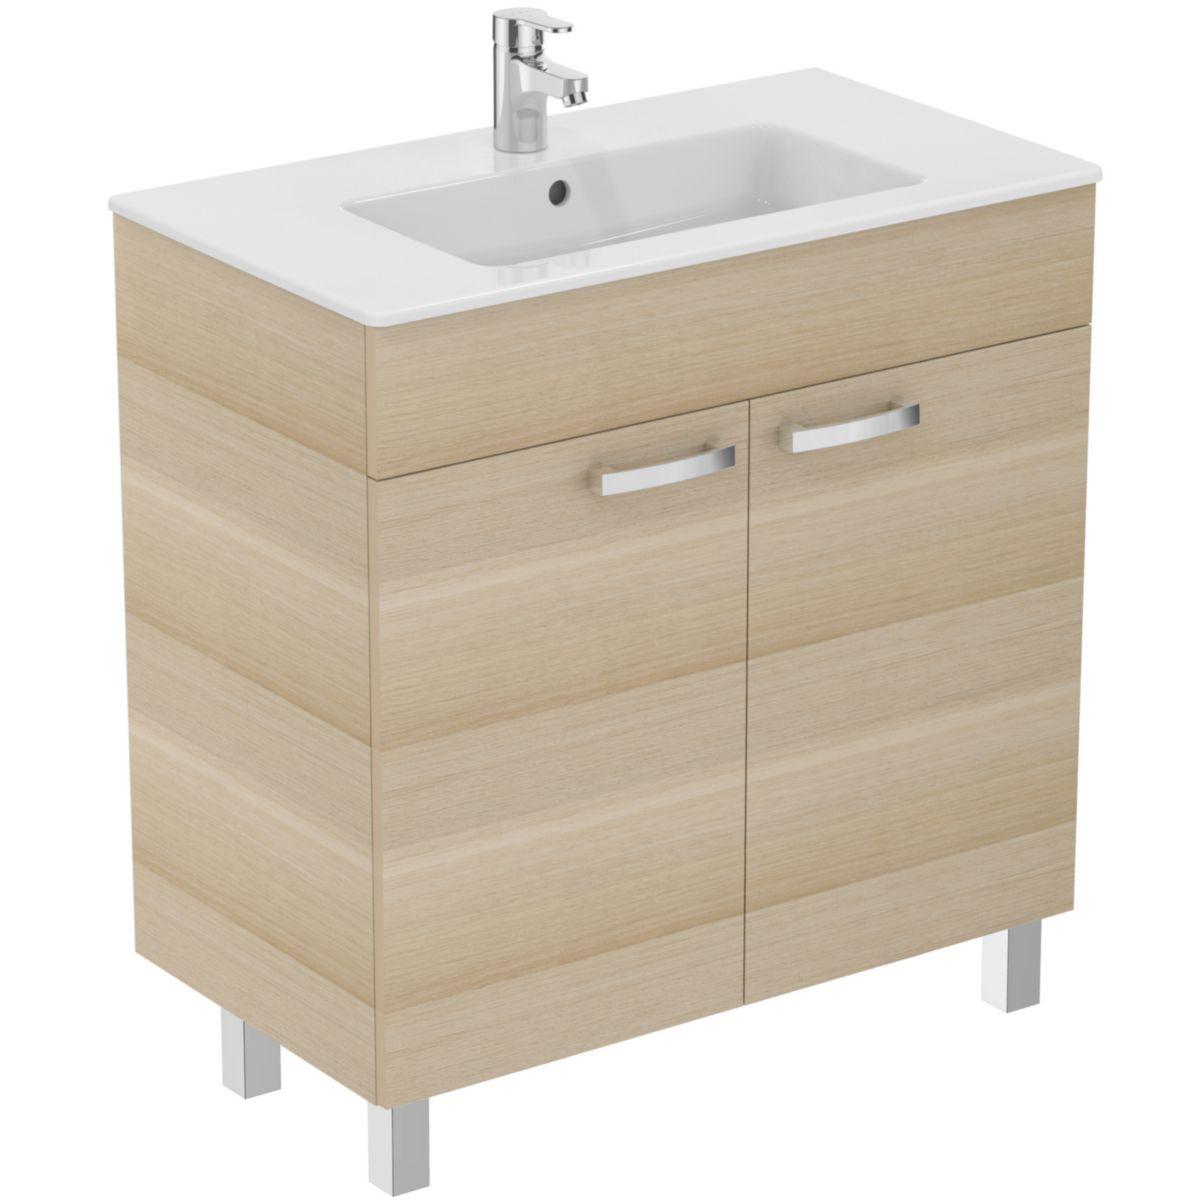 Ideal standard meuble ulysse avec plan 80 cm 2 portes Meuble salle de bain 50 cm